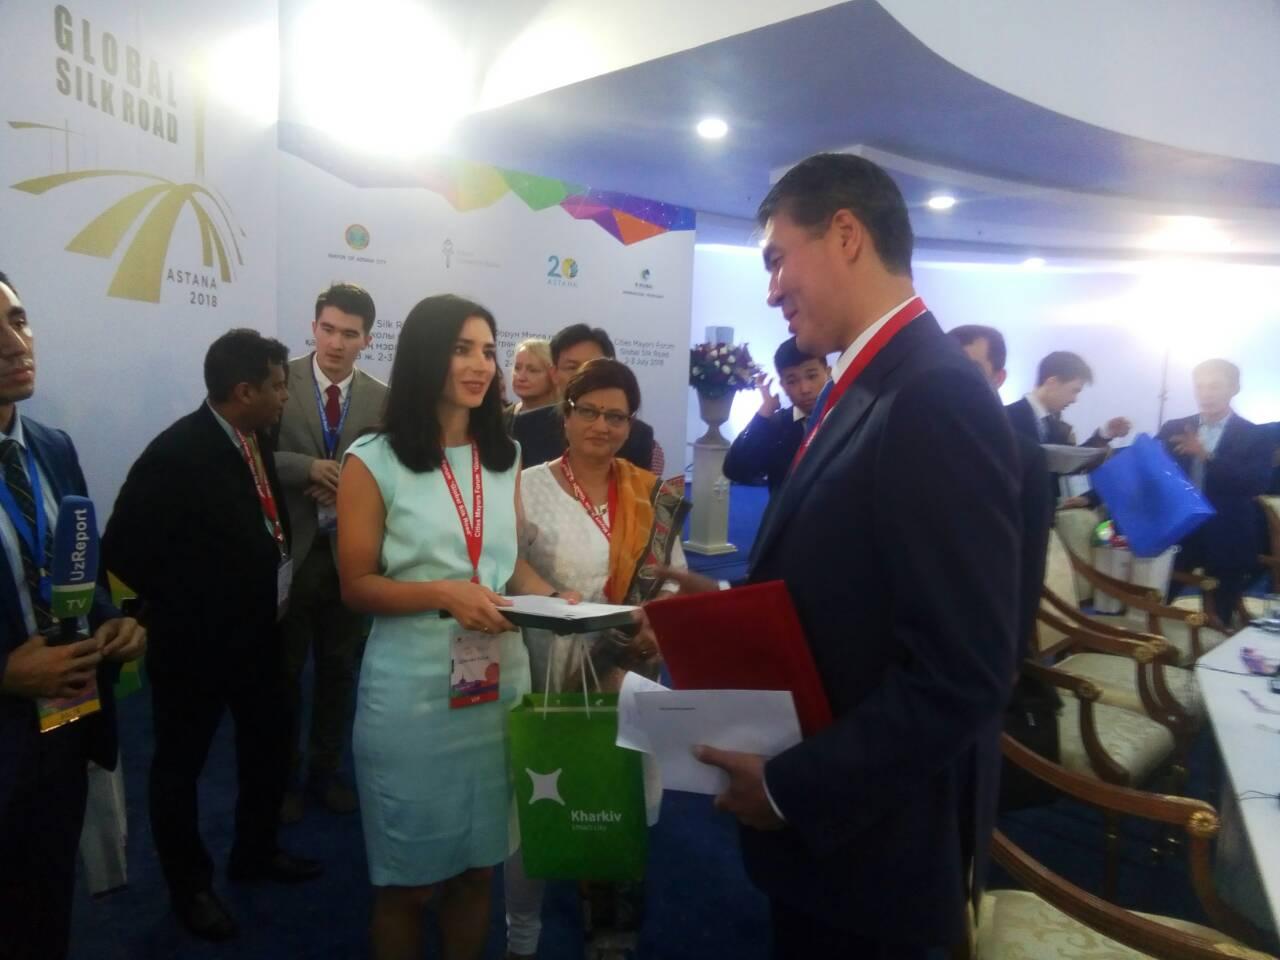 Харків'яни взяли участь у конференції в Астані